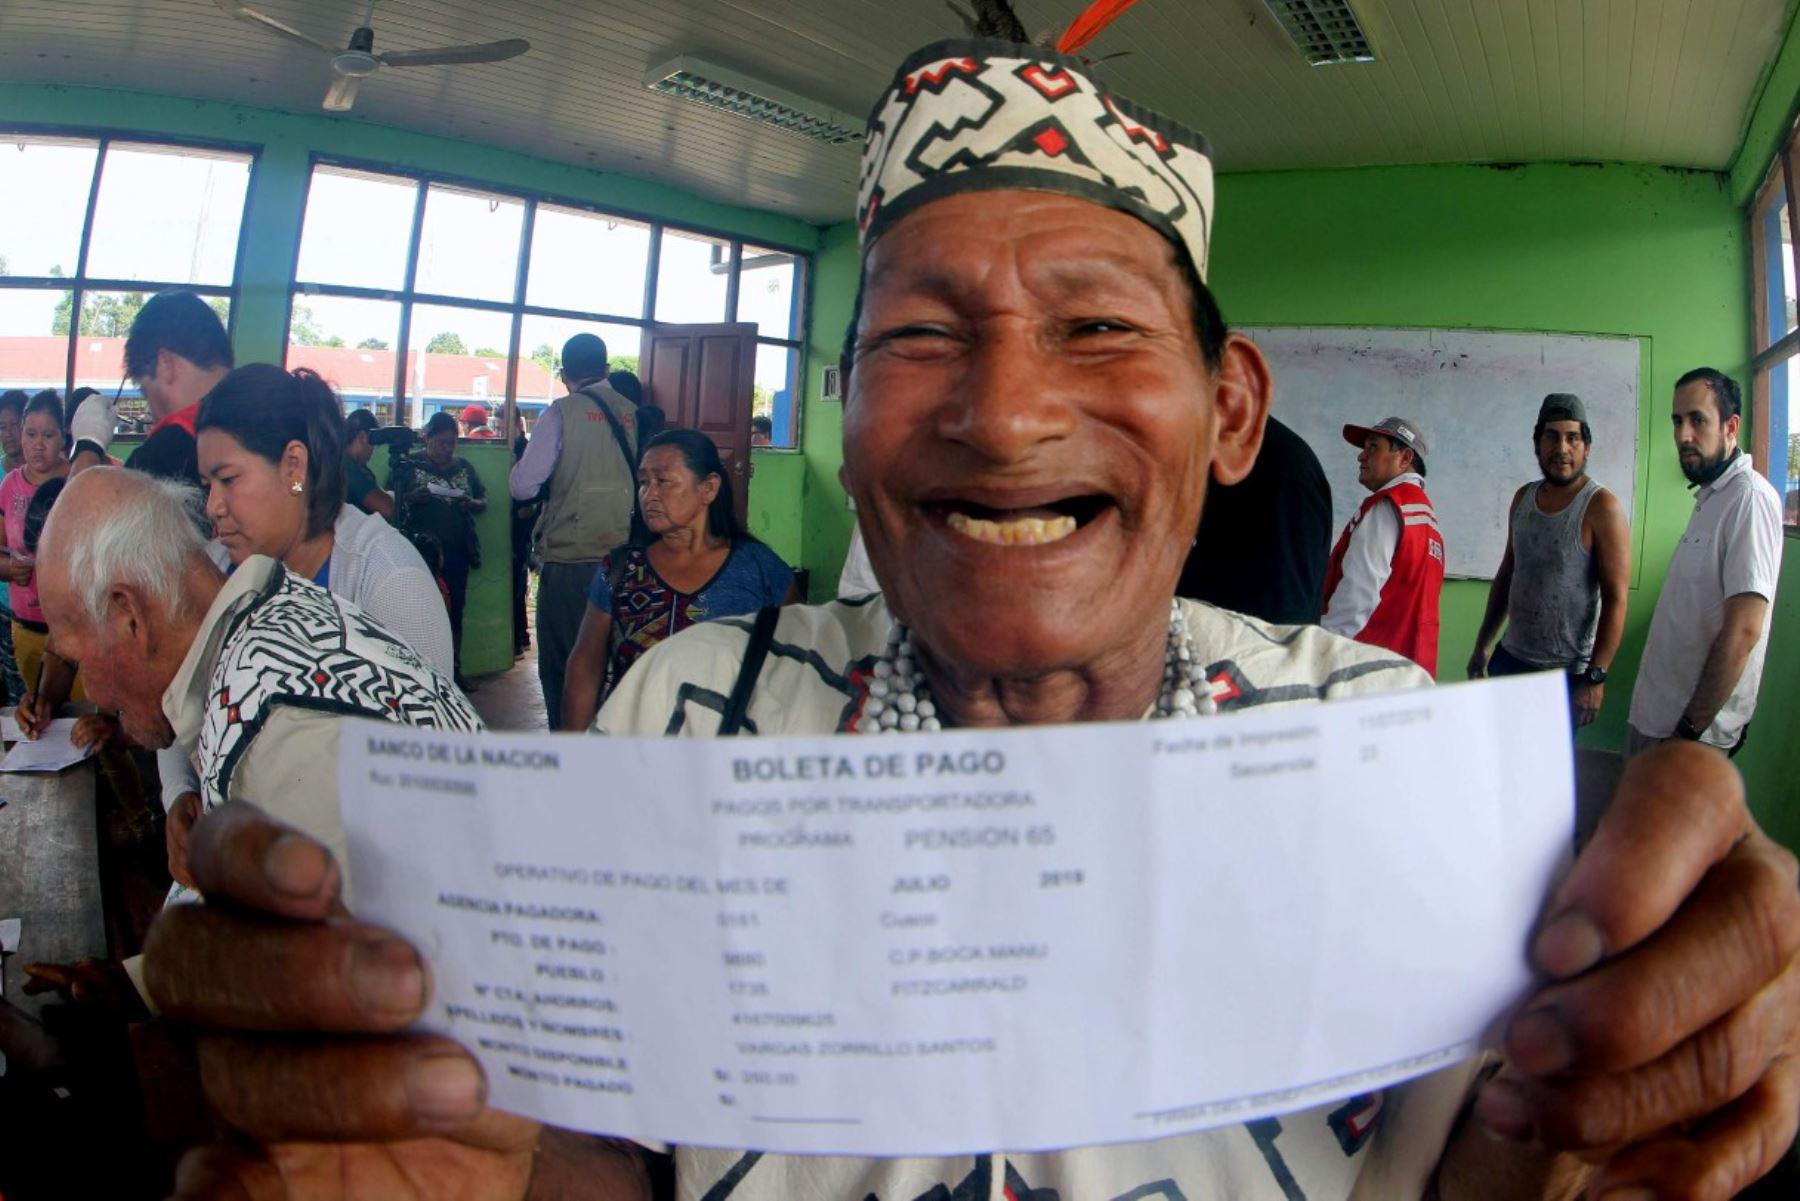 Los beneficiarios reciben 250 soles cada dos meses, así como una serie de servicios complementarios orientados a mejorar su calidad de vida. Foto: ANDINA/Difusión